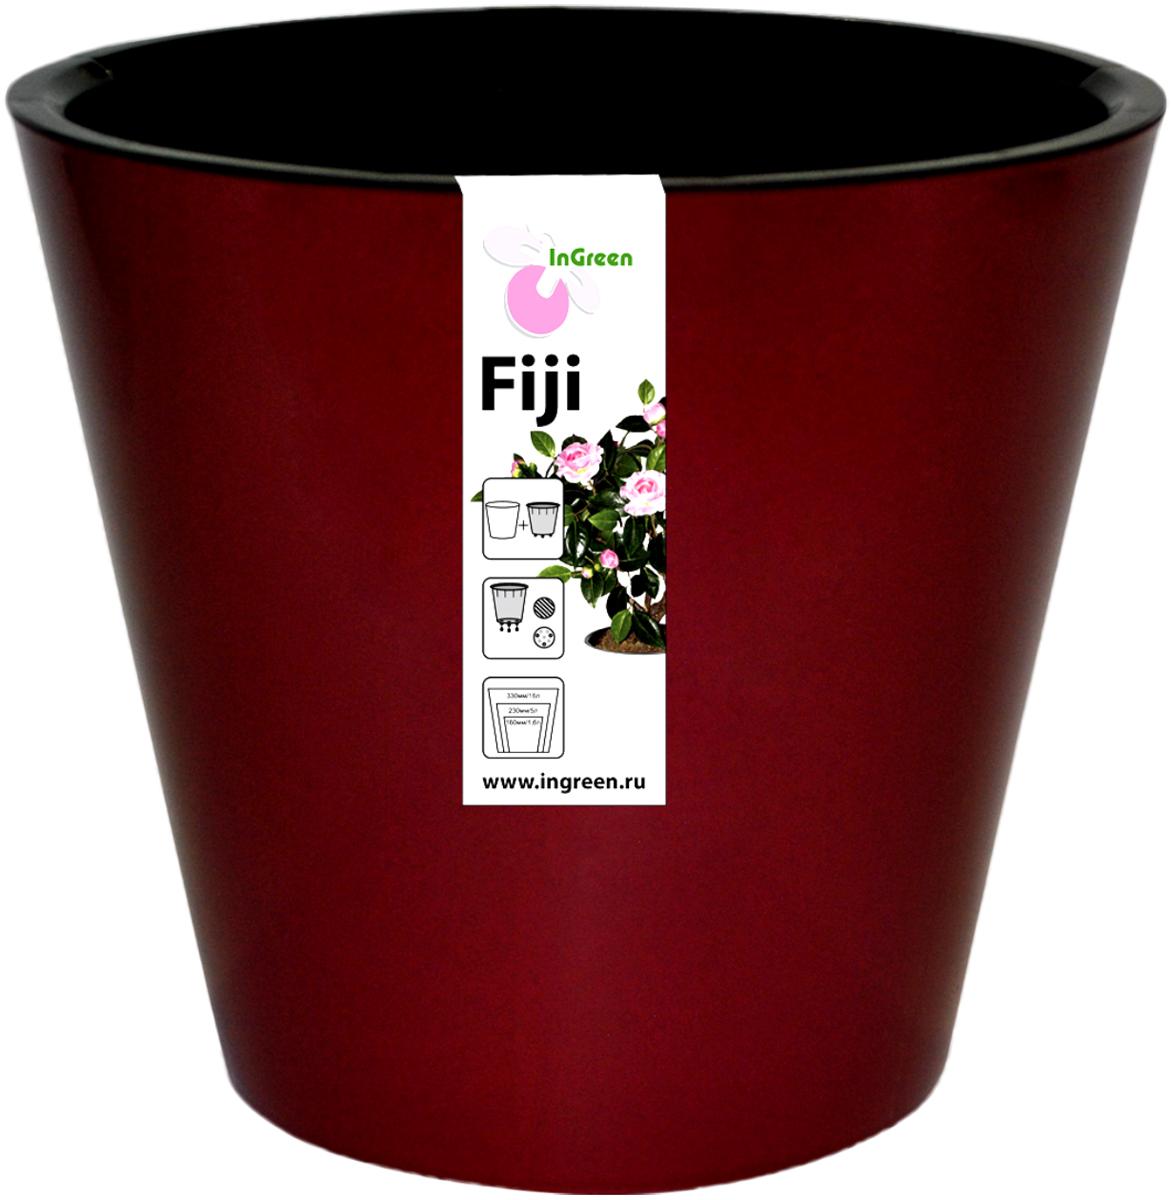 """Горшок для цветов InGreen """"Фиджи"""", с ситемой атополива, цвет: бордовый, диаметр 16 см ING1553БР"""